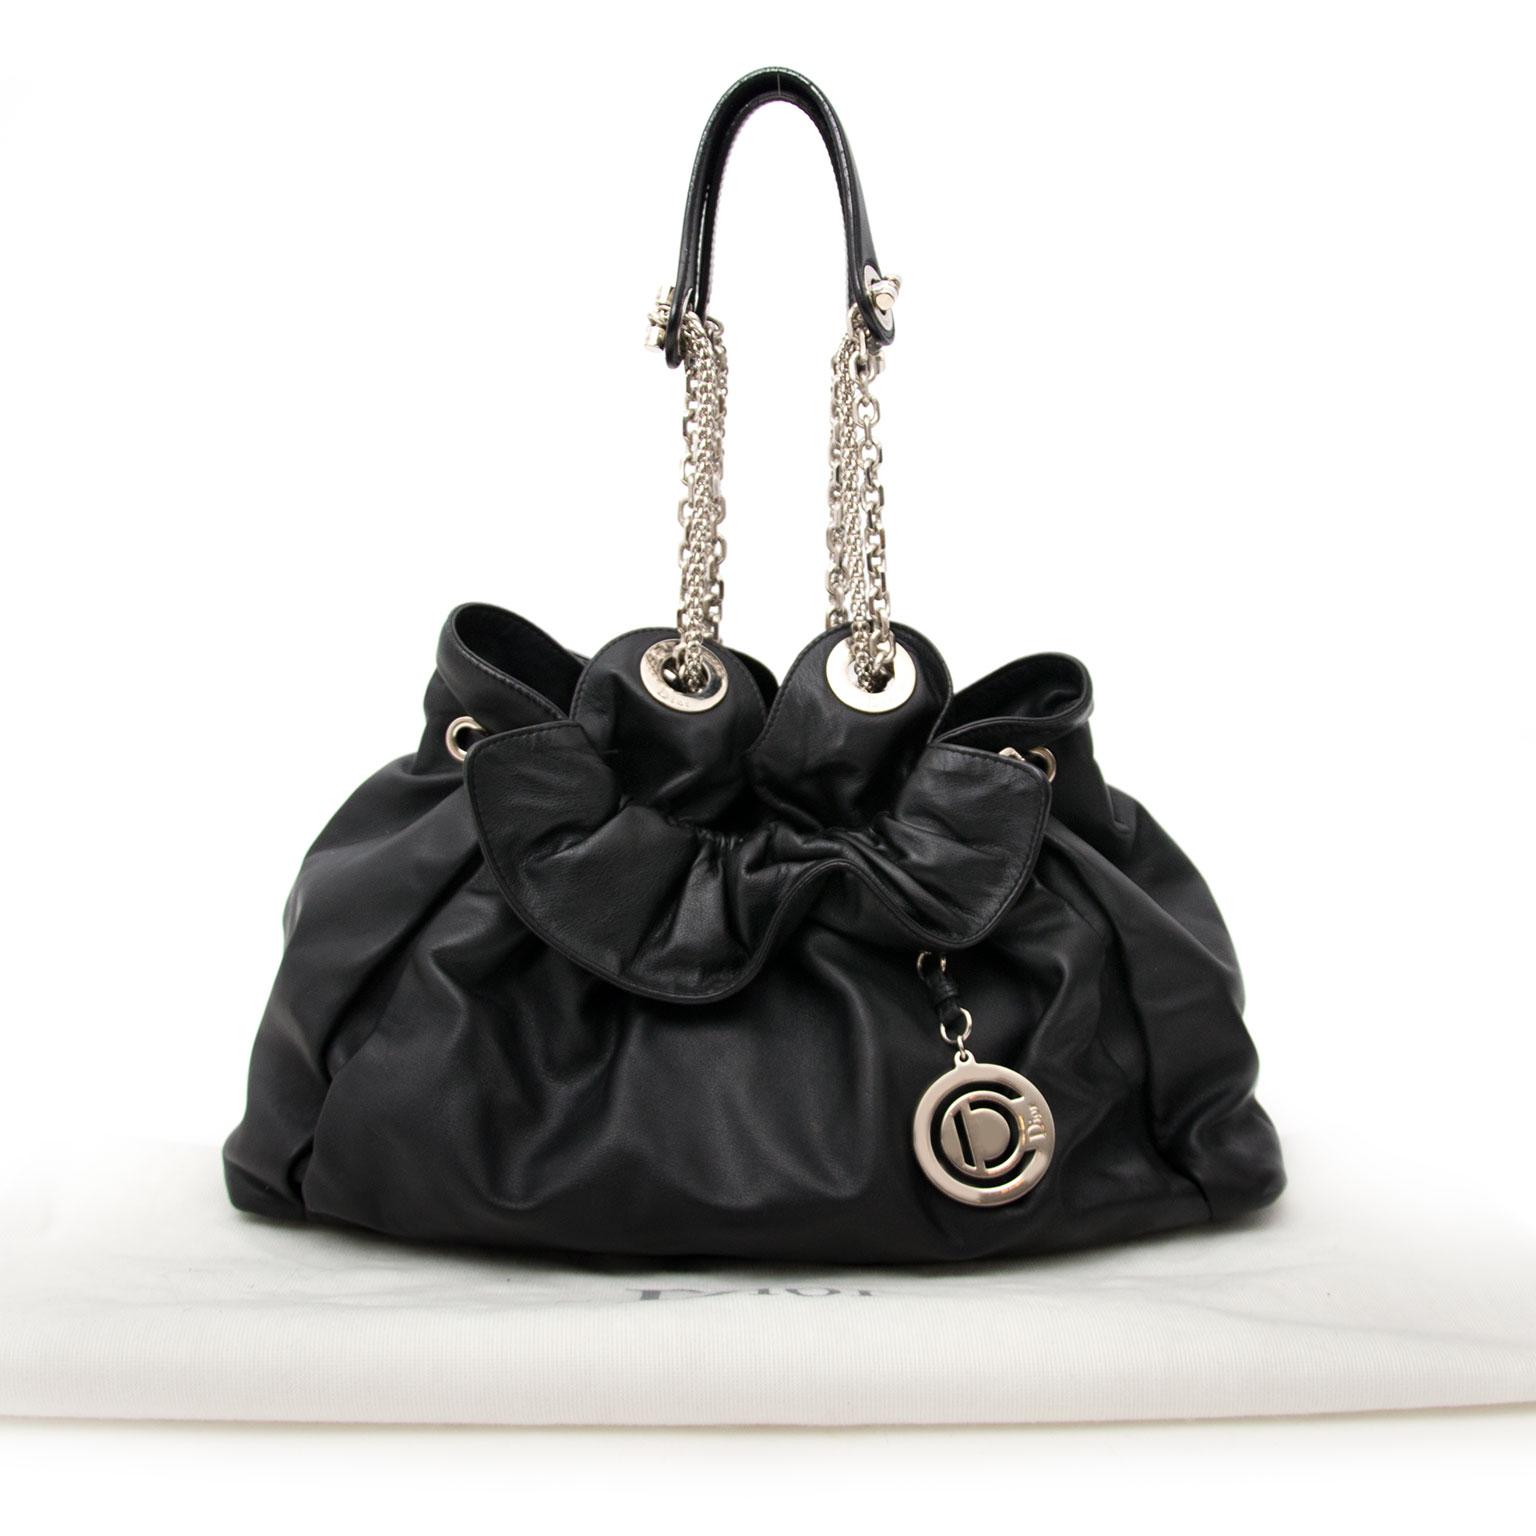 25690ba52be3 ... koop jou tweedehands handtas veilig Constructed of supple lambskin  leather with Dior s signature